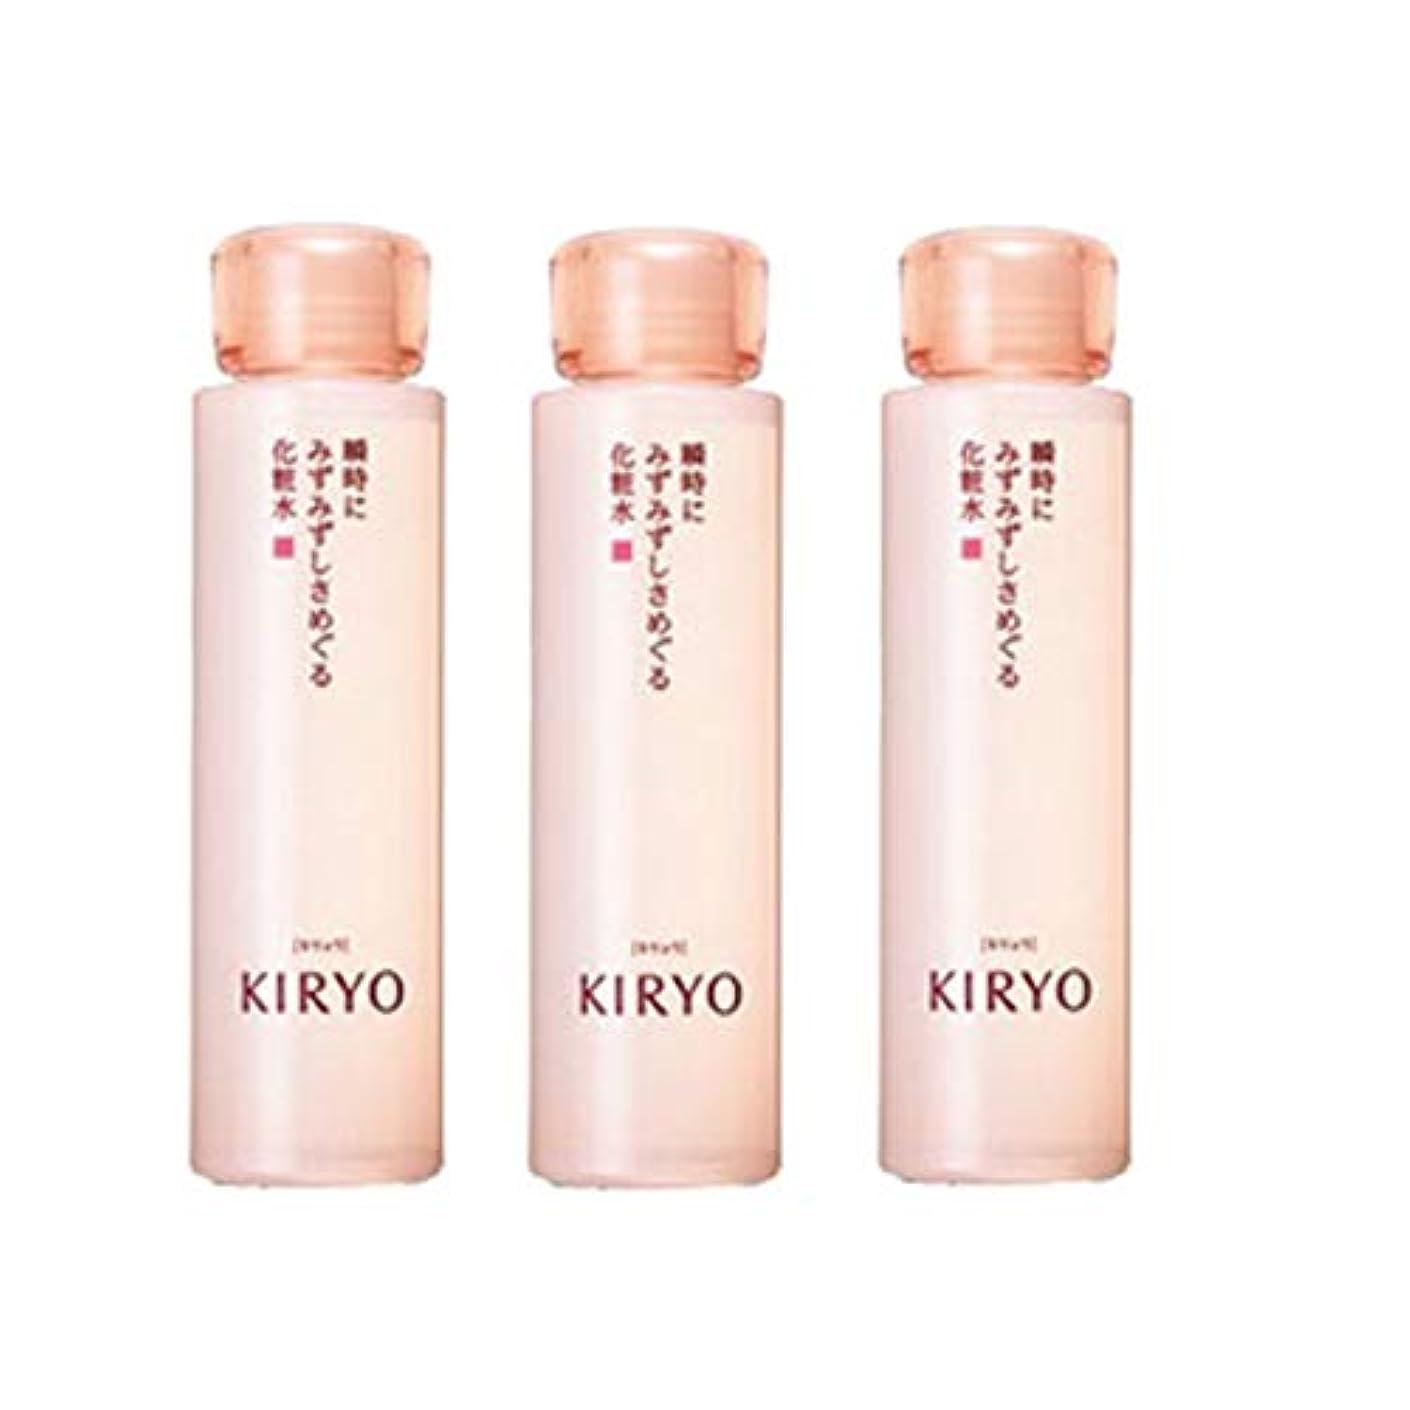 【資生堂】KIRYO キリョウ ローション I (さっぱり)150mL ×3個セット【International shipping available】